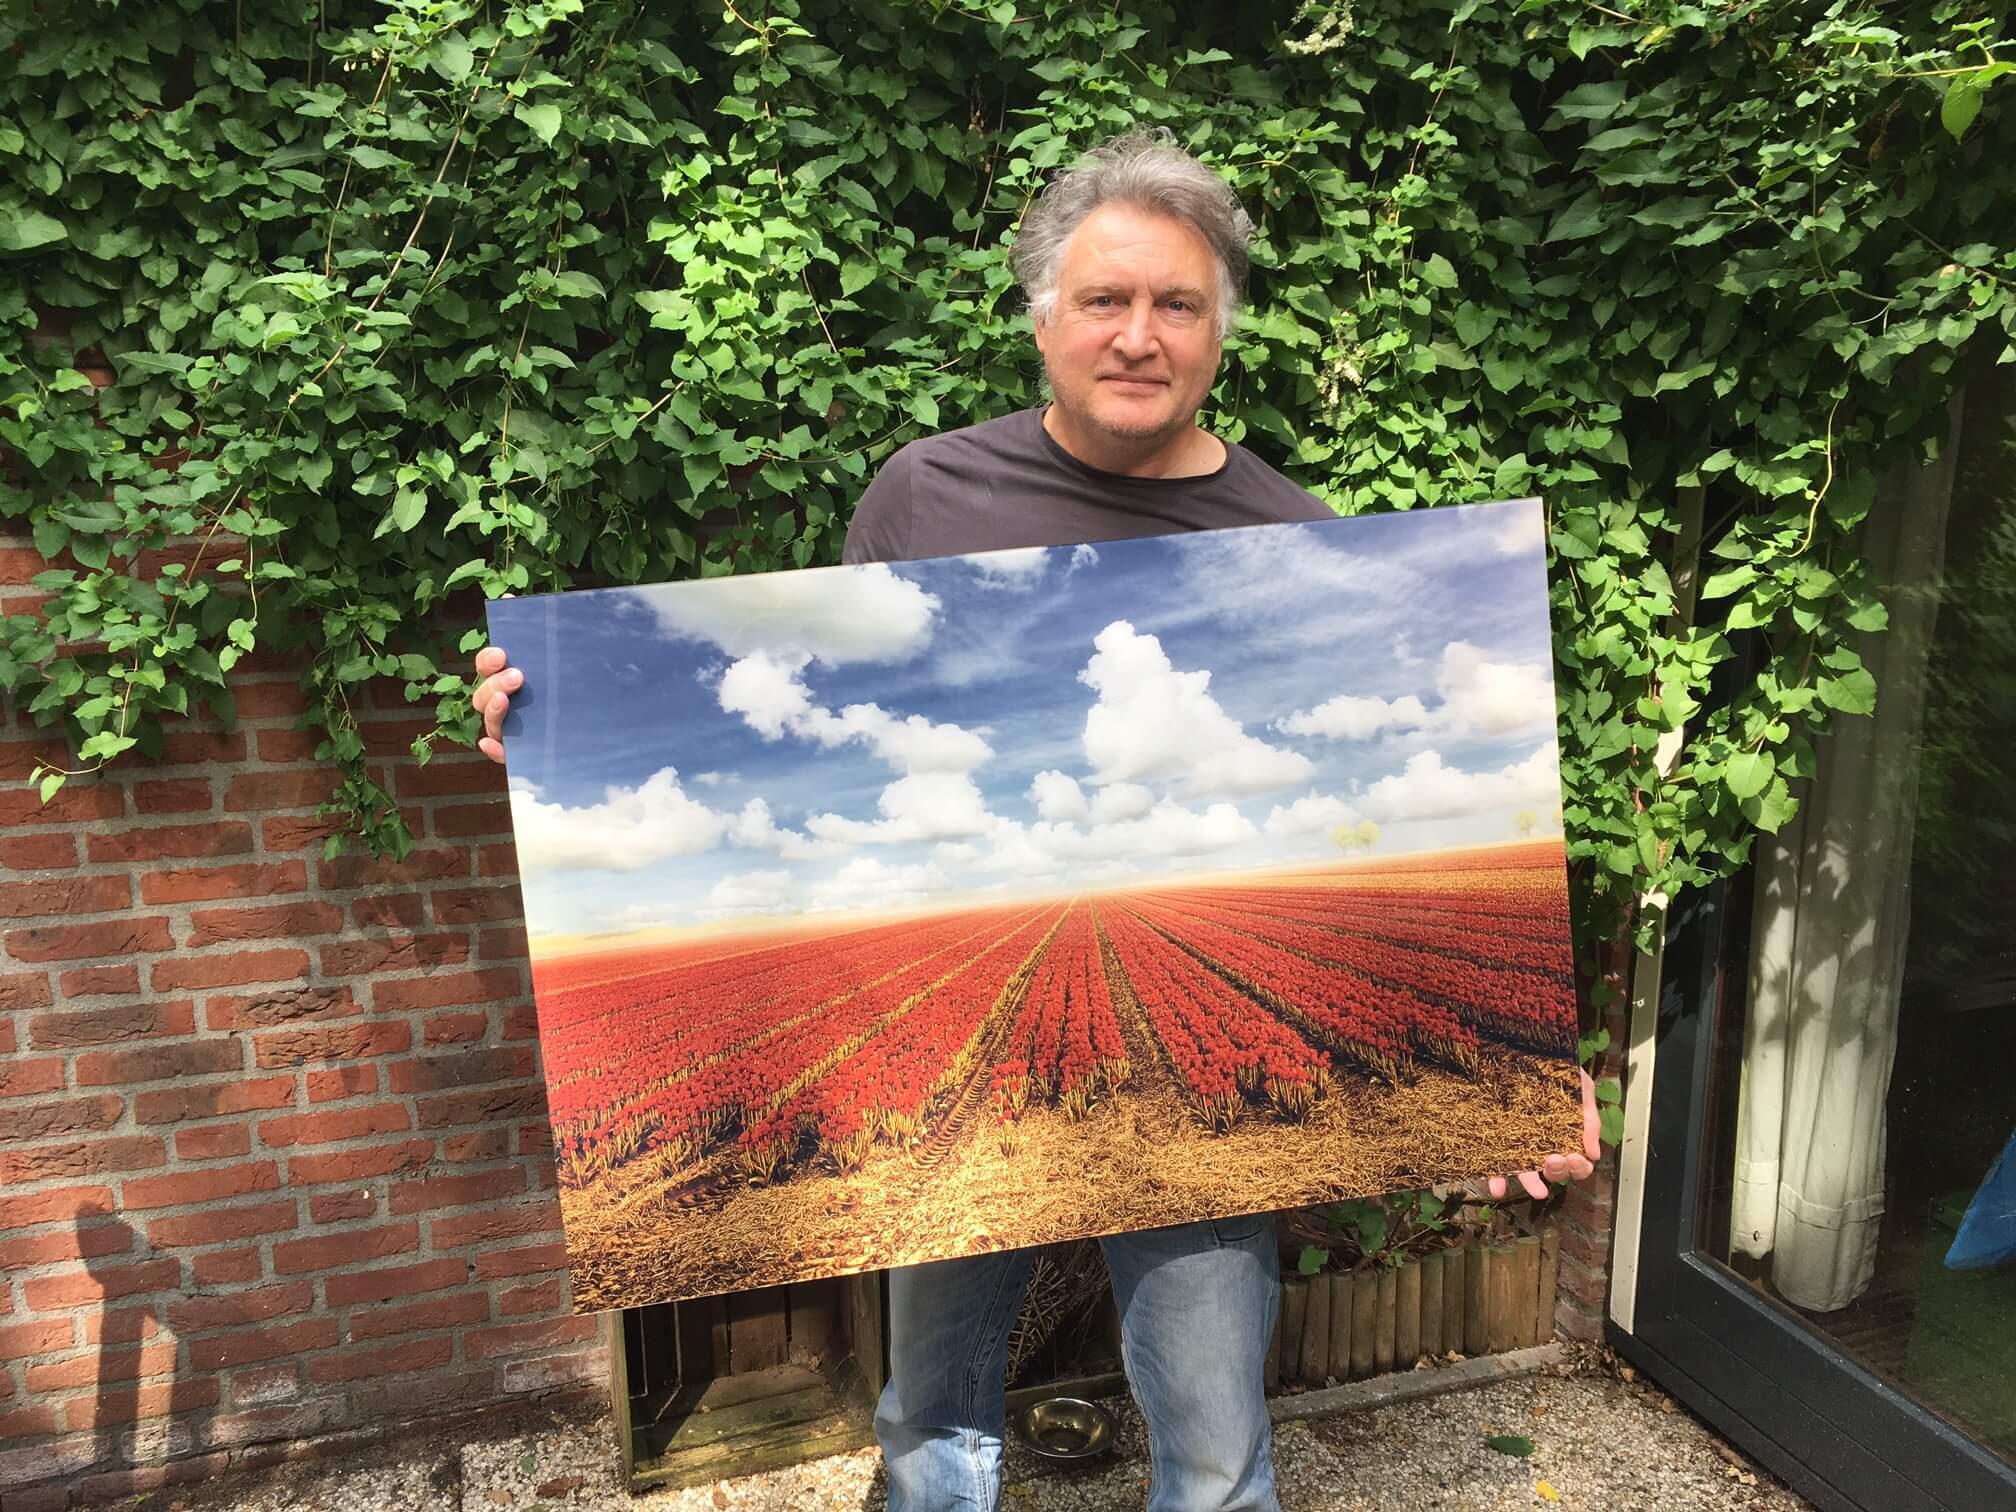 Tulips & Clouds Acrylglas 100 x 68 cm van €550 voor €150 VERKOCHT